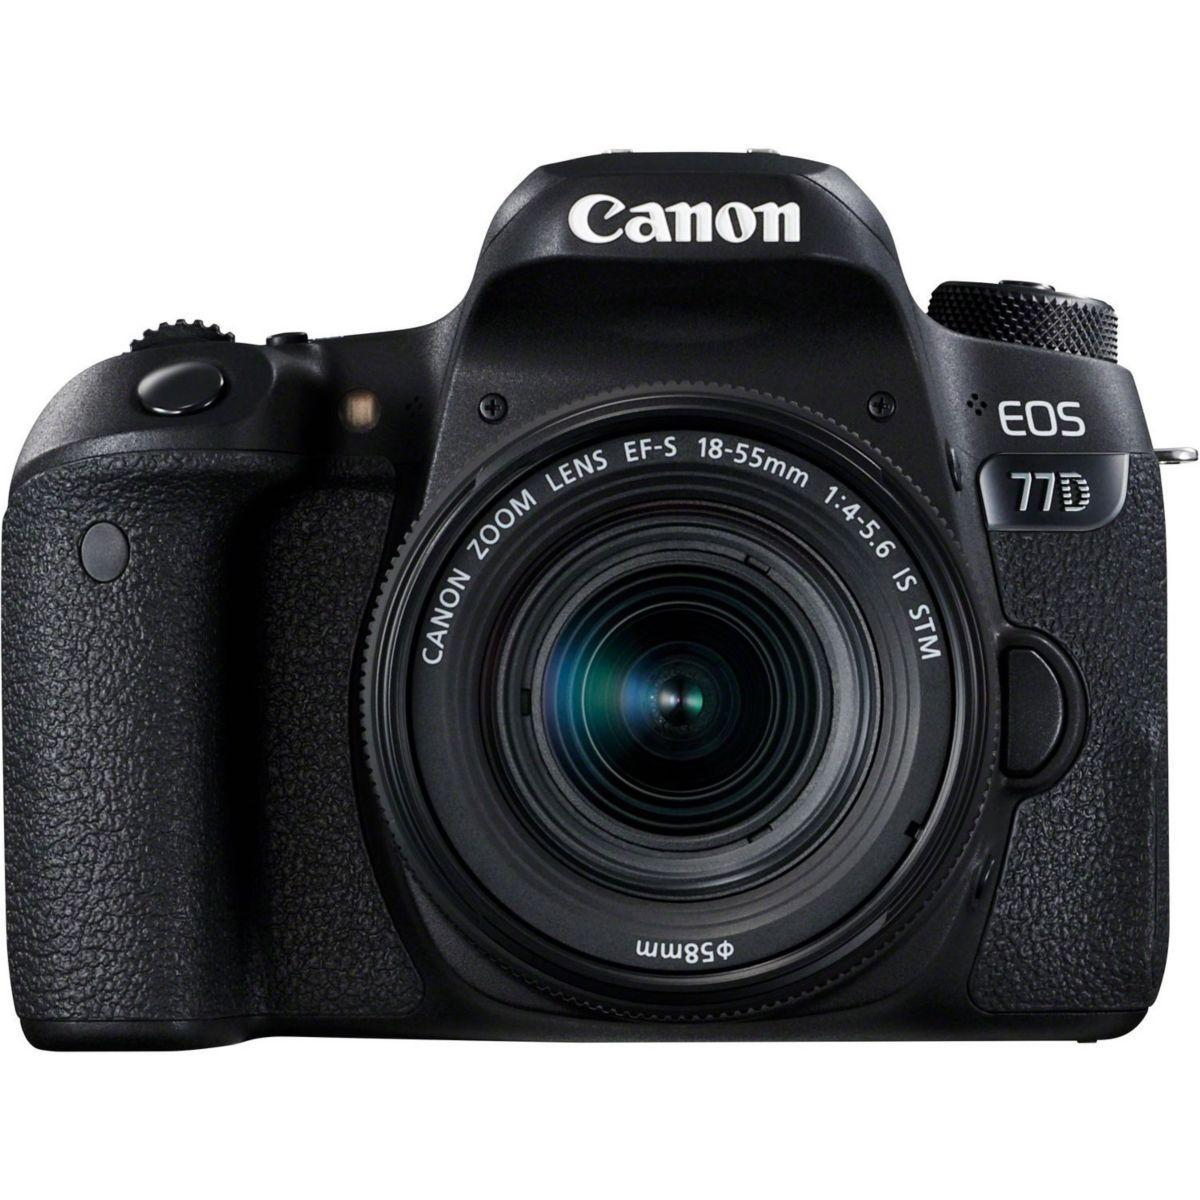 Appareil photo reflex canon eos 77d + 18-55 is stm - livraison offerte : code premium